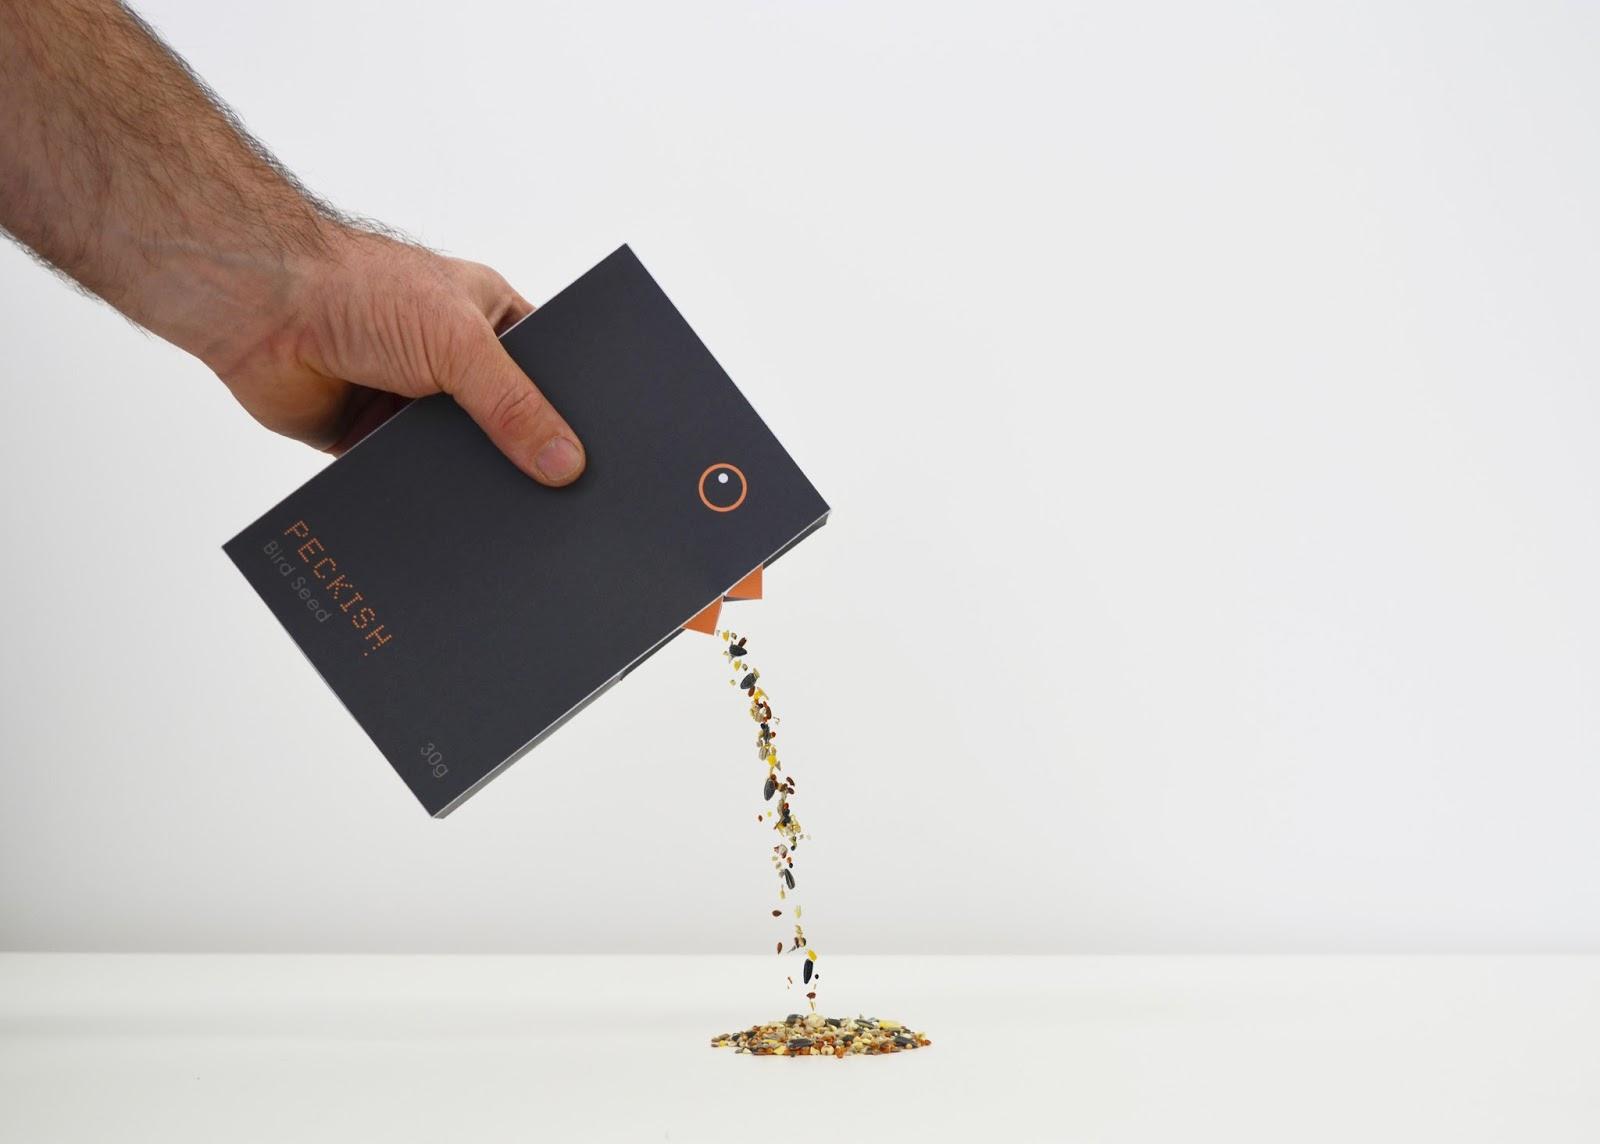 Hộp đựng hạt thức ăn cho chim thương hiệu Peckish